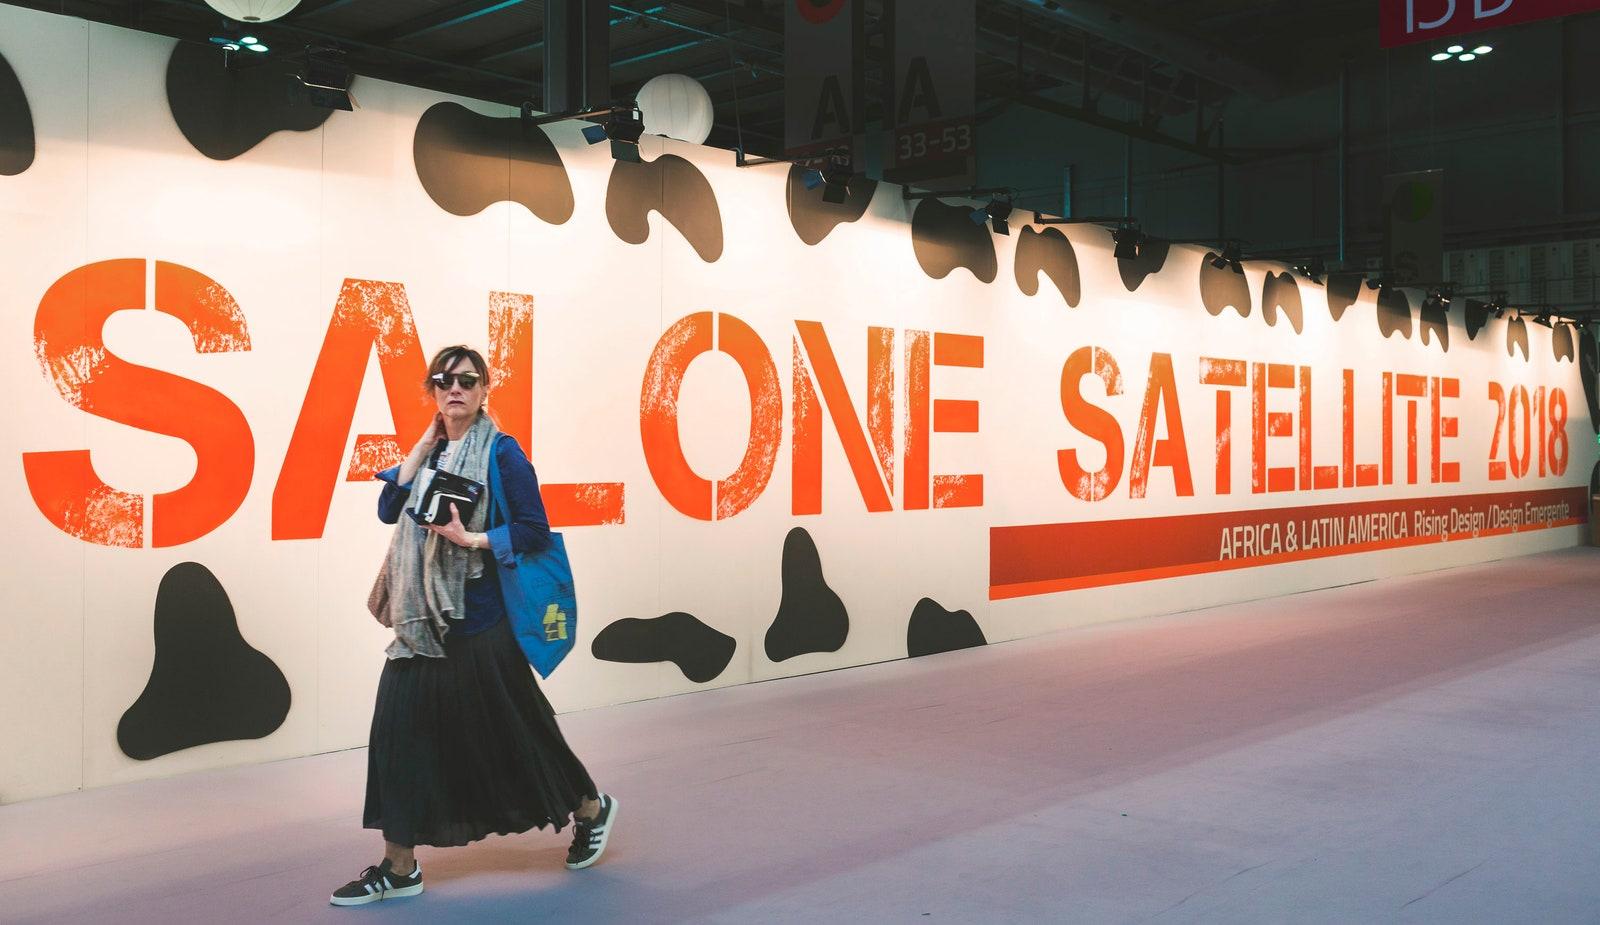 1989   Salone del Mobile                 .  1991    .  1998      SaloneSatellite          35 .         .  2002          ...